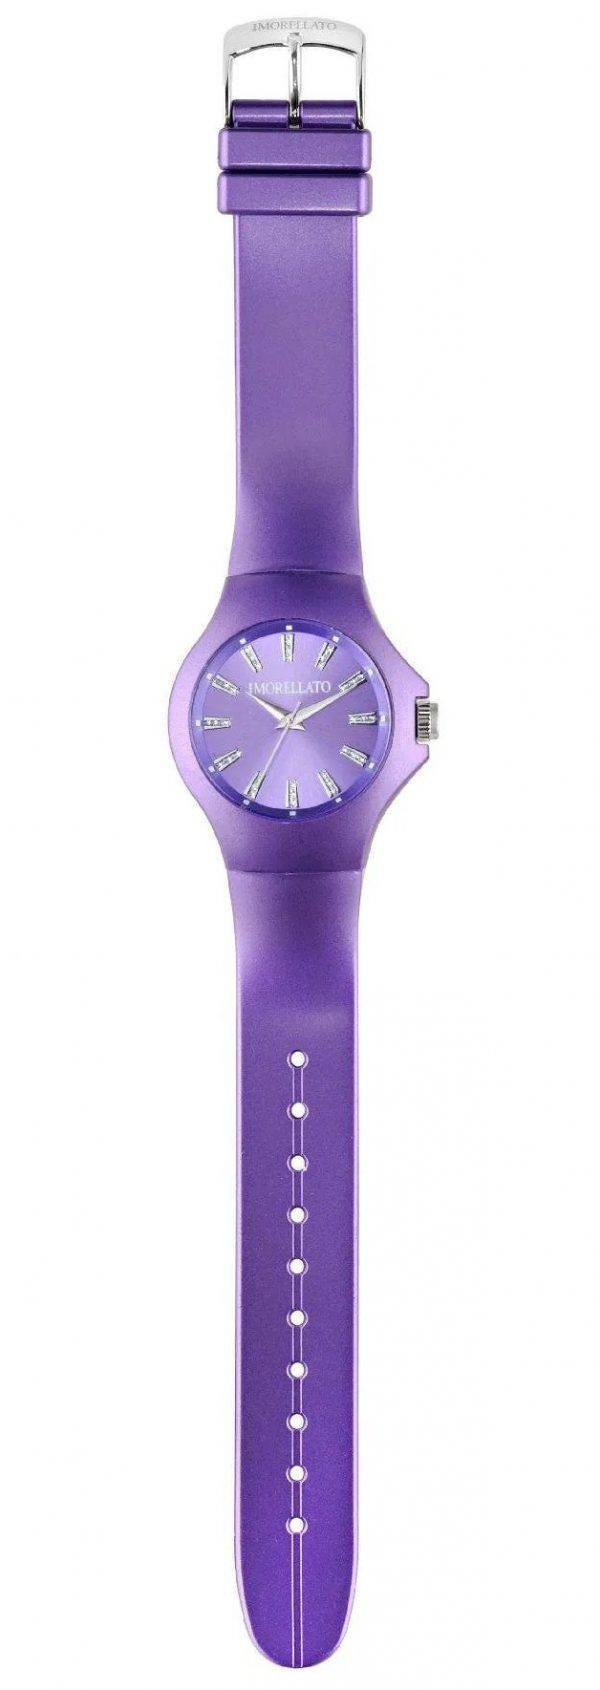 Morellato värit R0151114534 Quartz naisten Watch